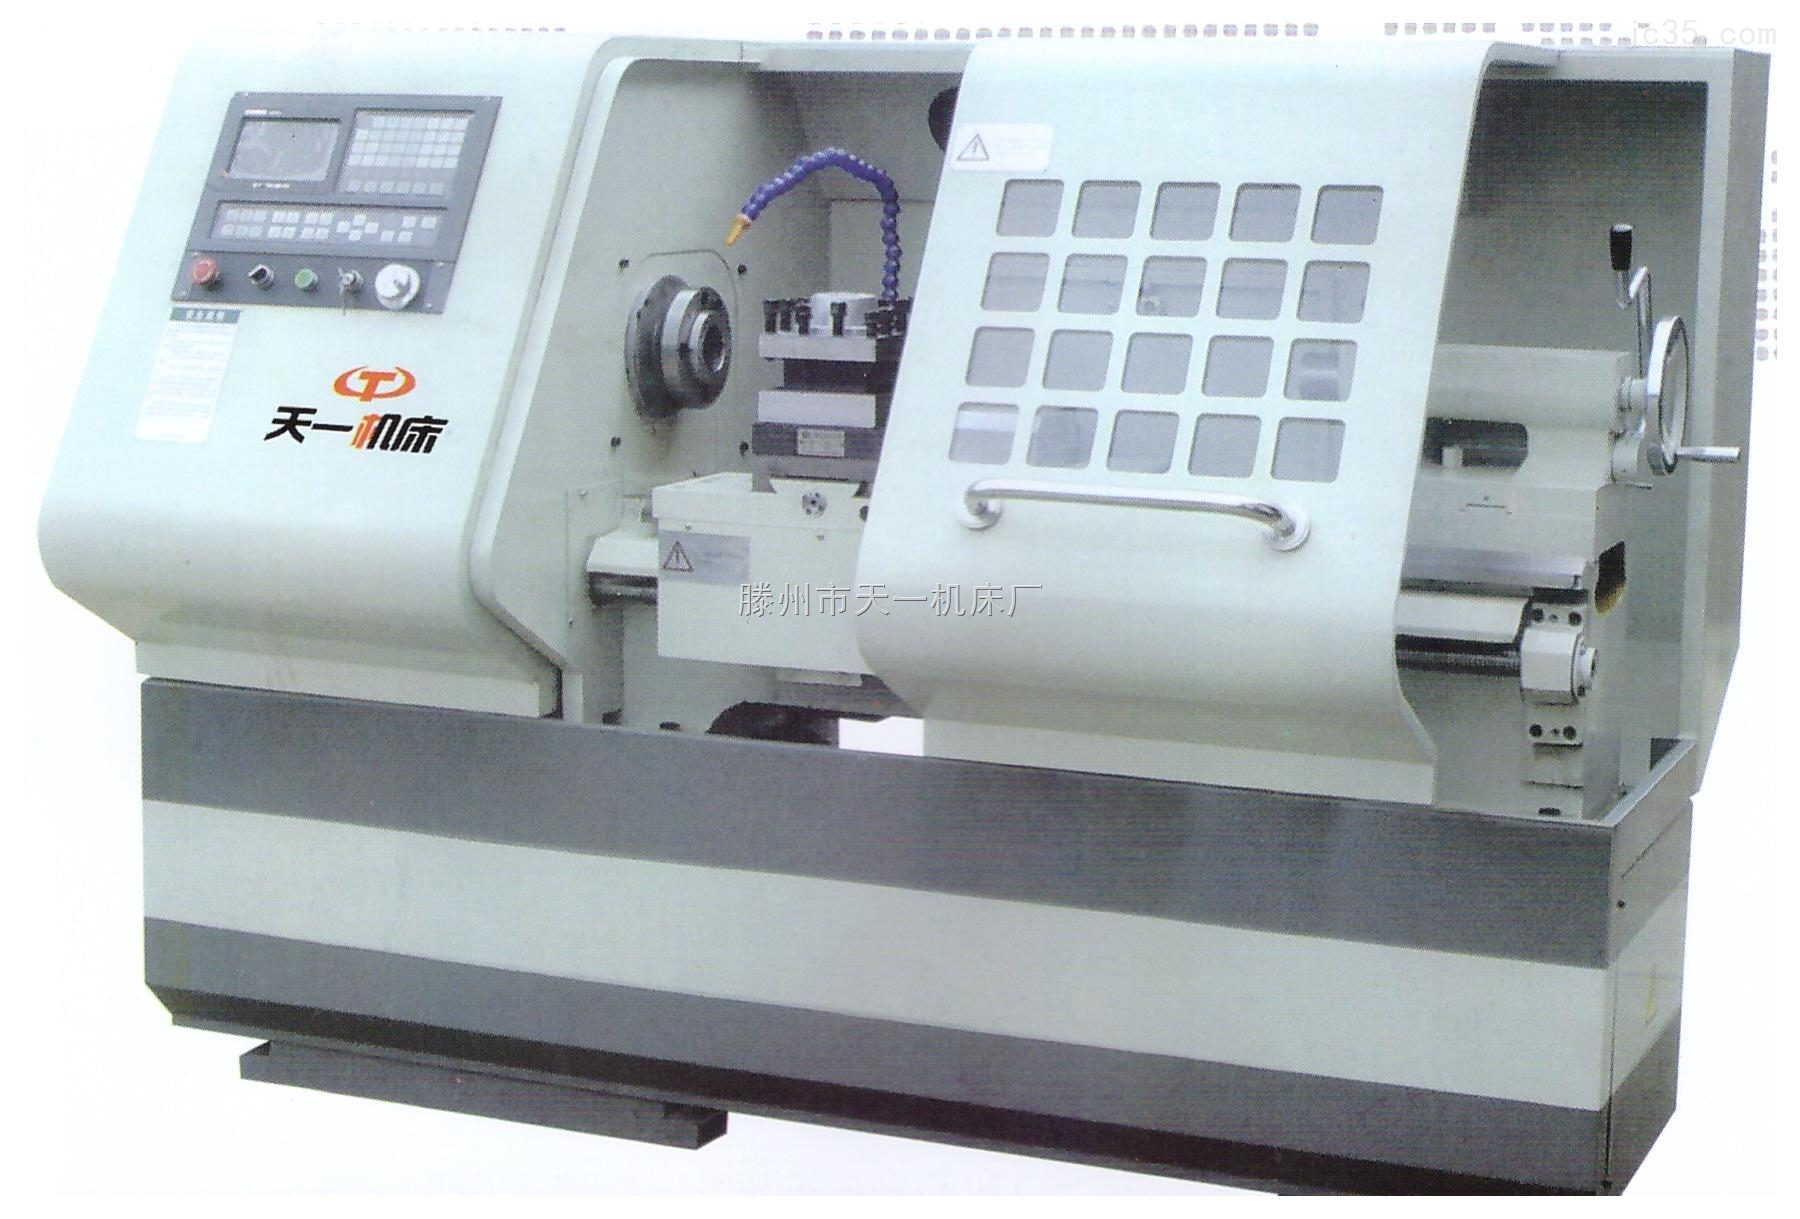 天一牌数控车床CK6136X750【高强度、高速度、伺服驱动】